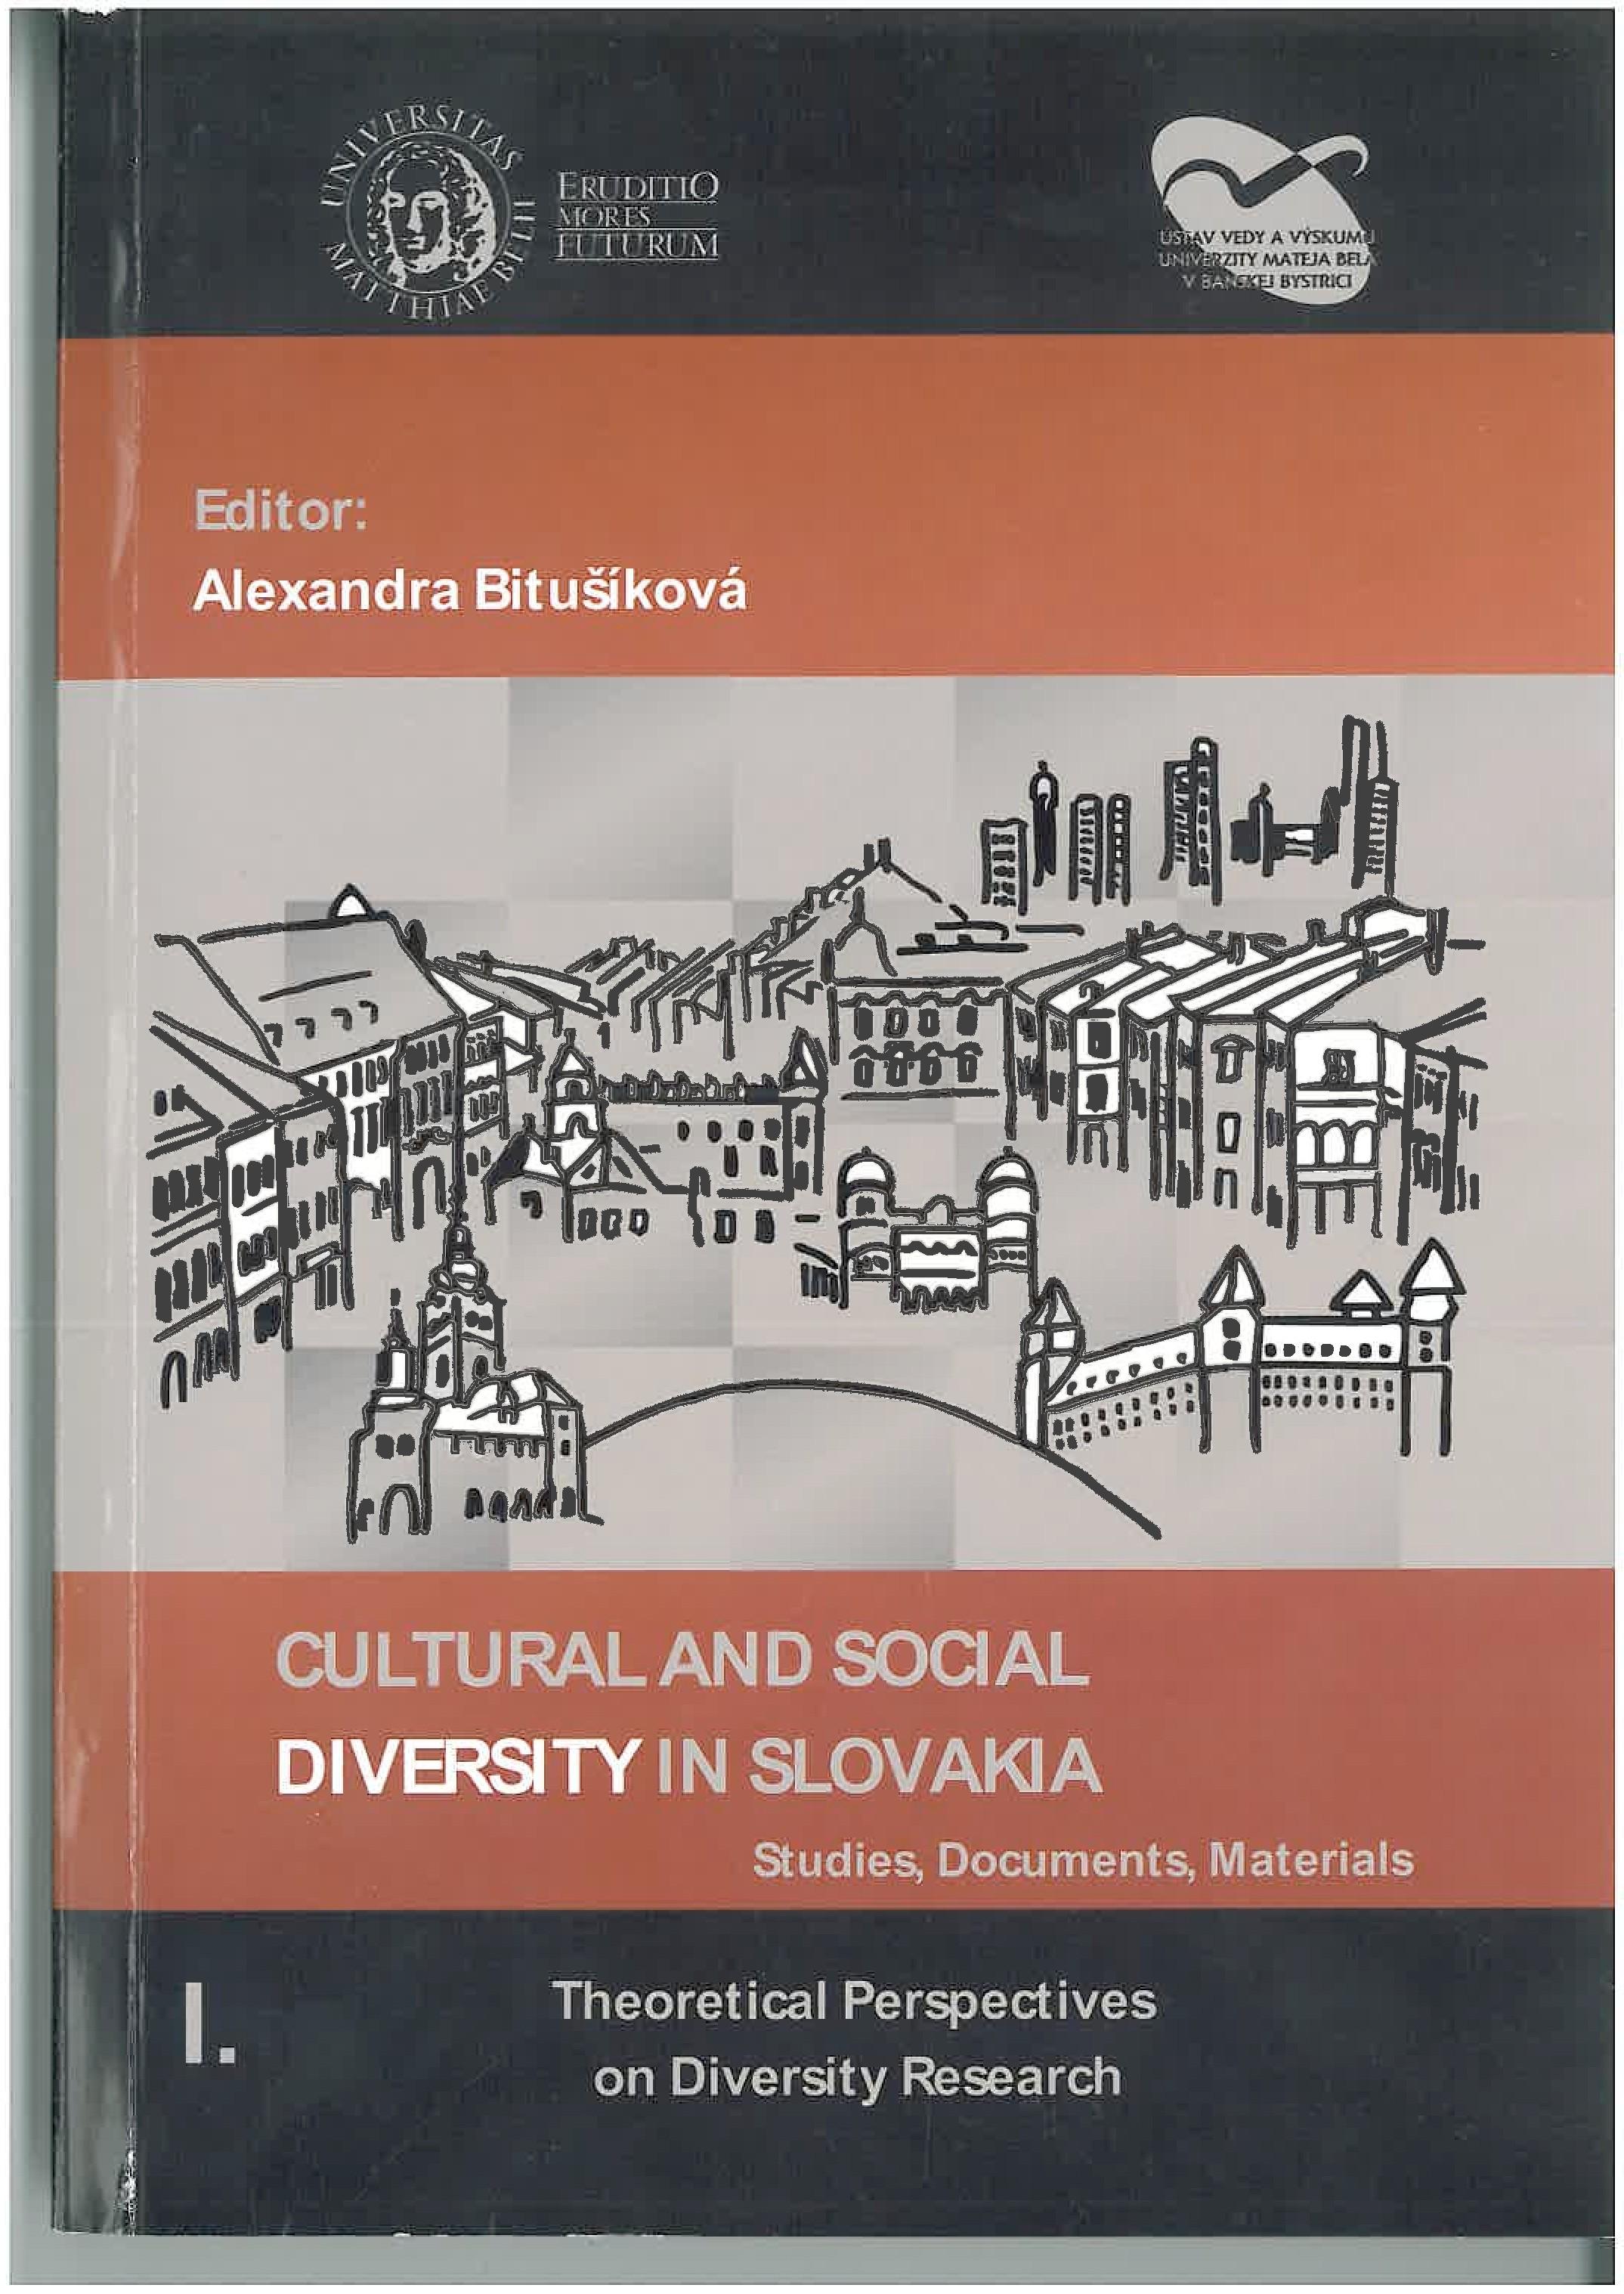 Kultúrna a sociálna diverzita na Slovensku Štúdie, dokumenty, materiály I. Teoretické východiská k štúdiu diverzity CULTURAL AND SOCIAL DOVERSITY IN SLOVAKIA Studies, Documents, Materials I. Theoretical Perspectives on Diversity Research